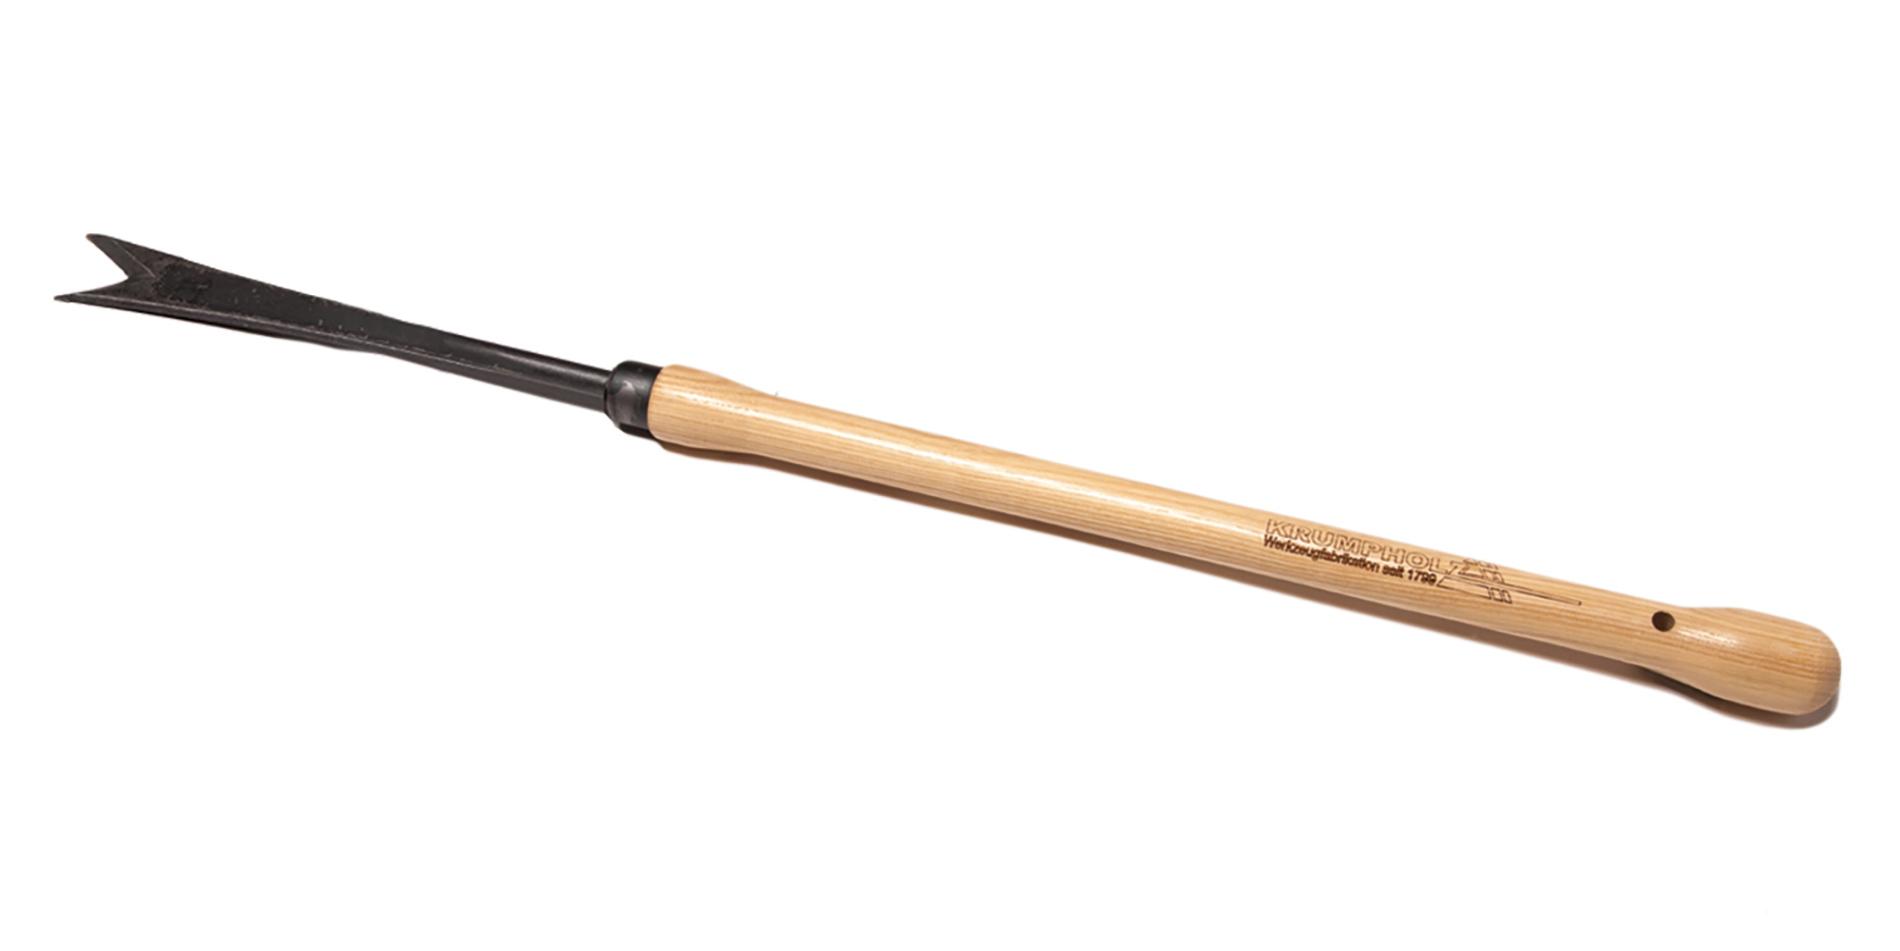 Krumpholz Unkrautstecher geschmiedet, 10mm, mit Eschen-Knopf-Stiel (48 cm)